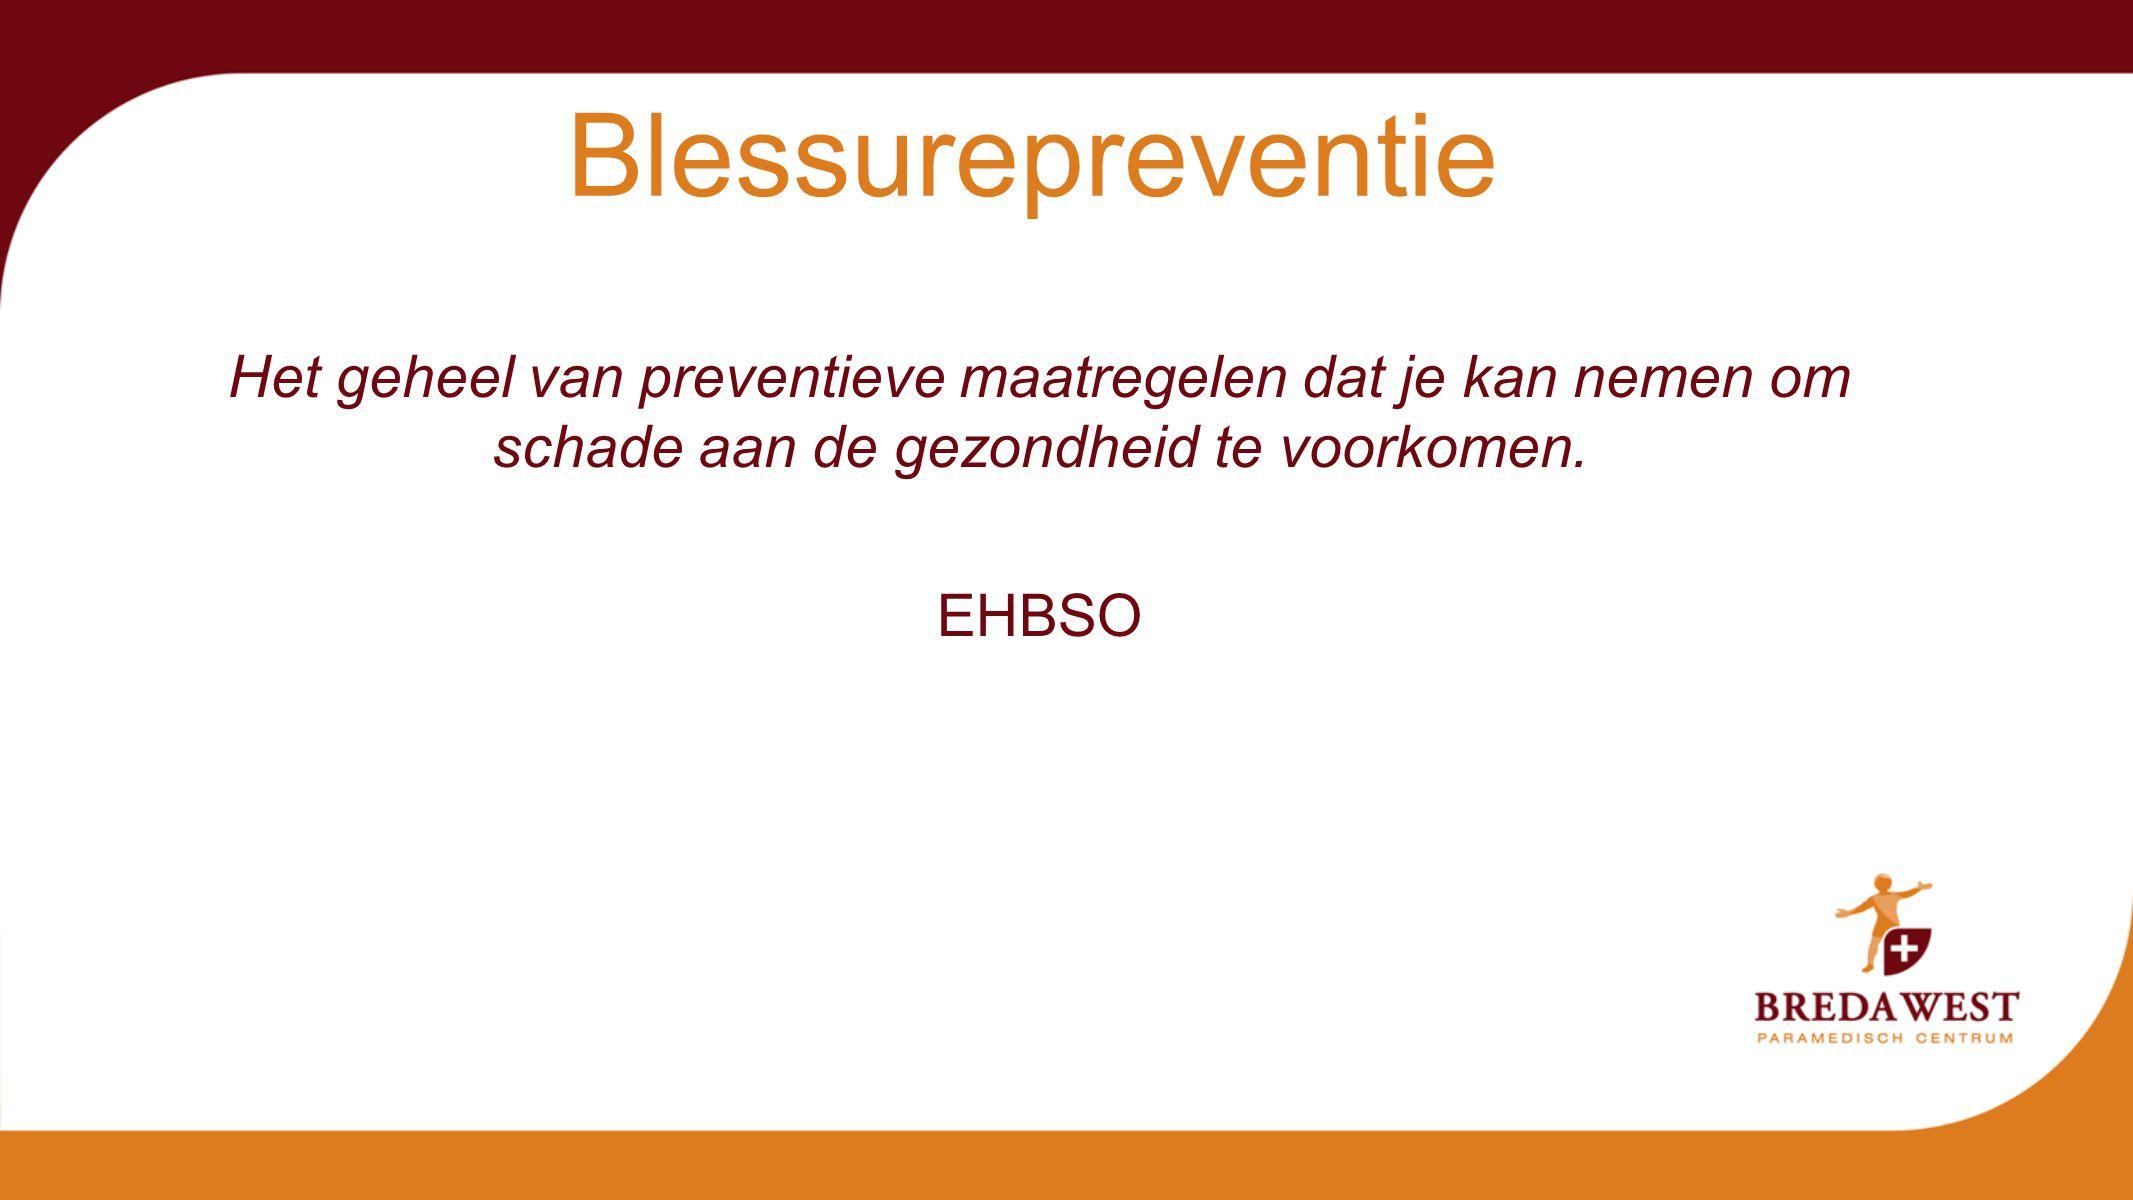 Blessurepreventie Het geheel van preventieve maatregelen dat je kan nemen om schade aan de gezondheid te voorkomen.